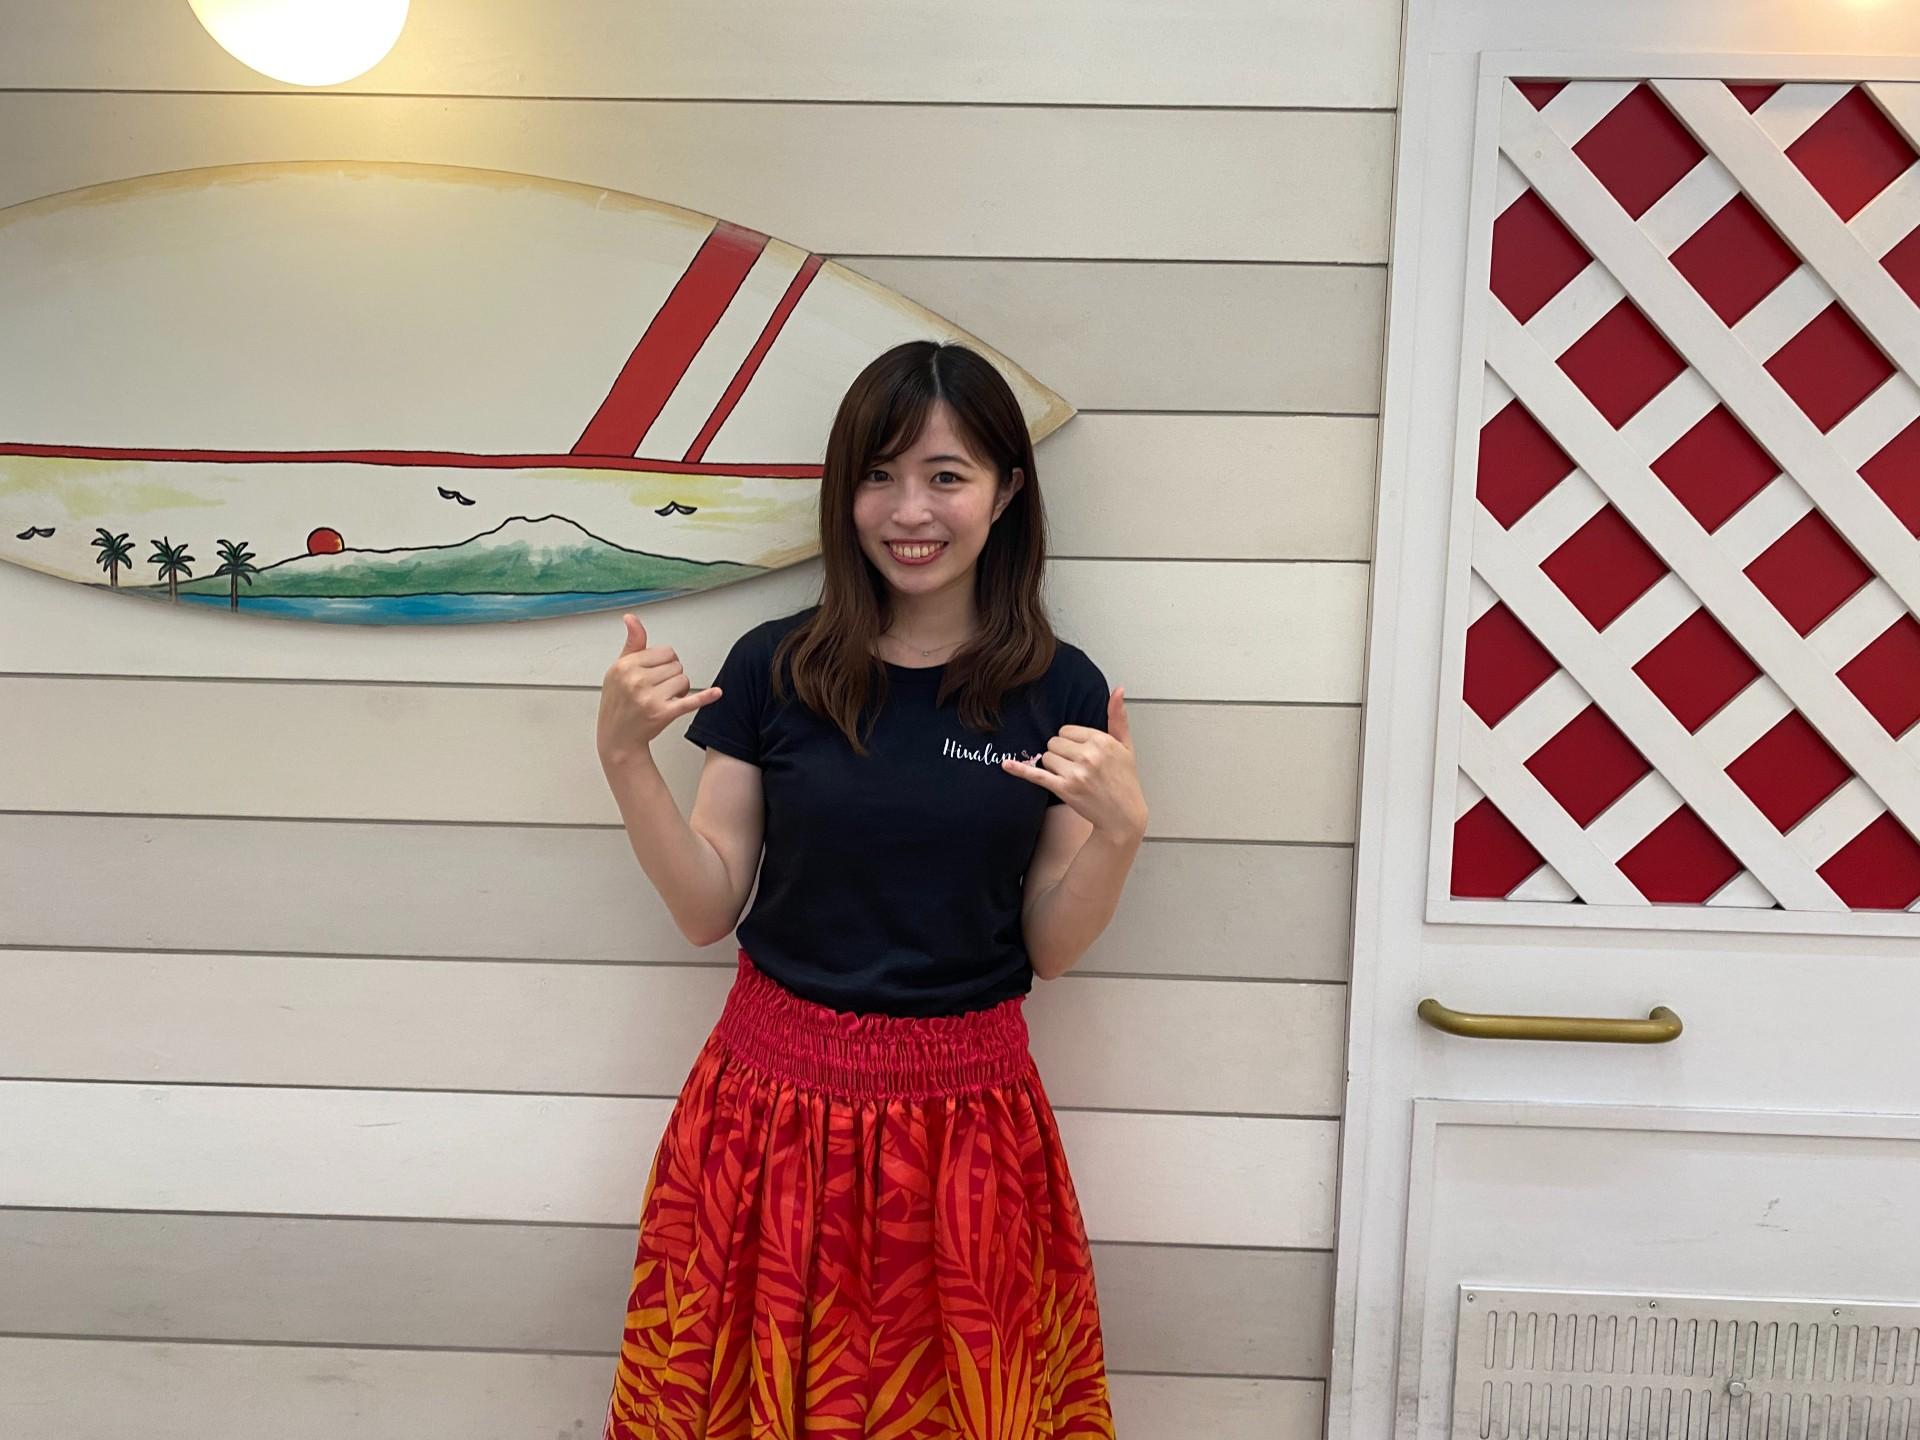 月岡さんはプライベートでは旅行が趣味だが、今は行けないのでお散歩や読書を!